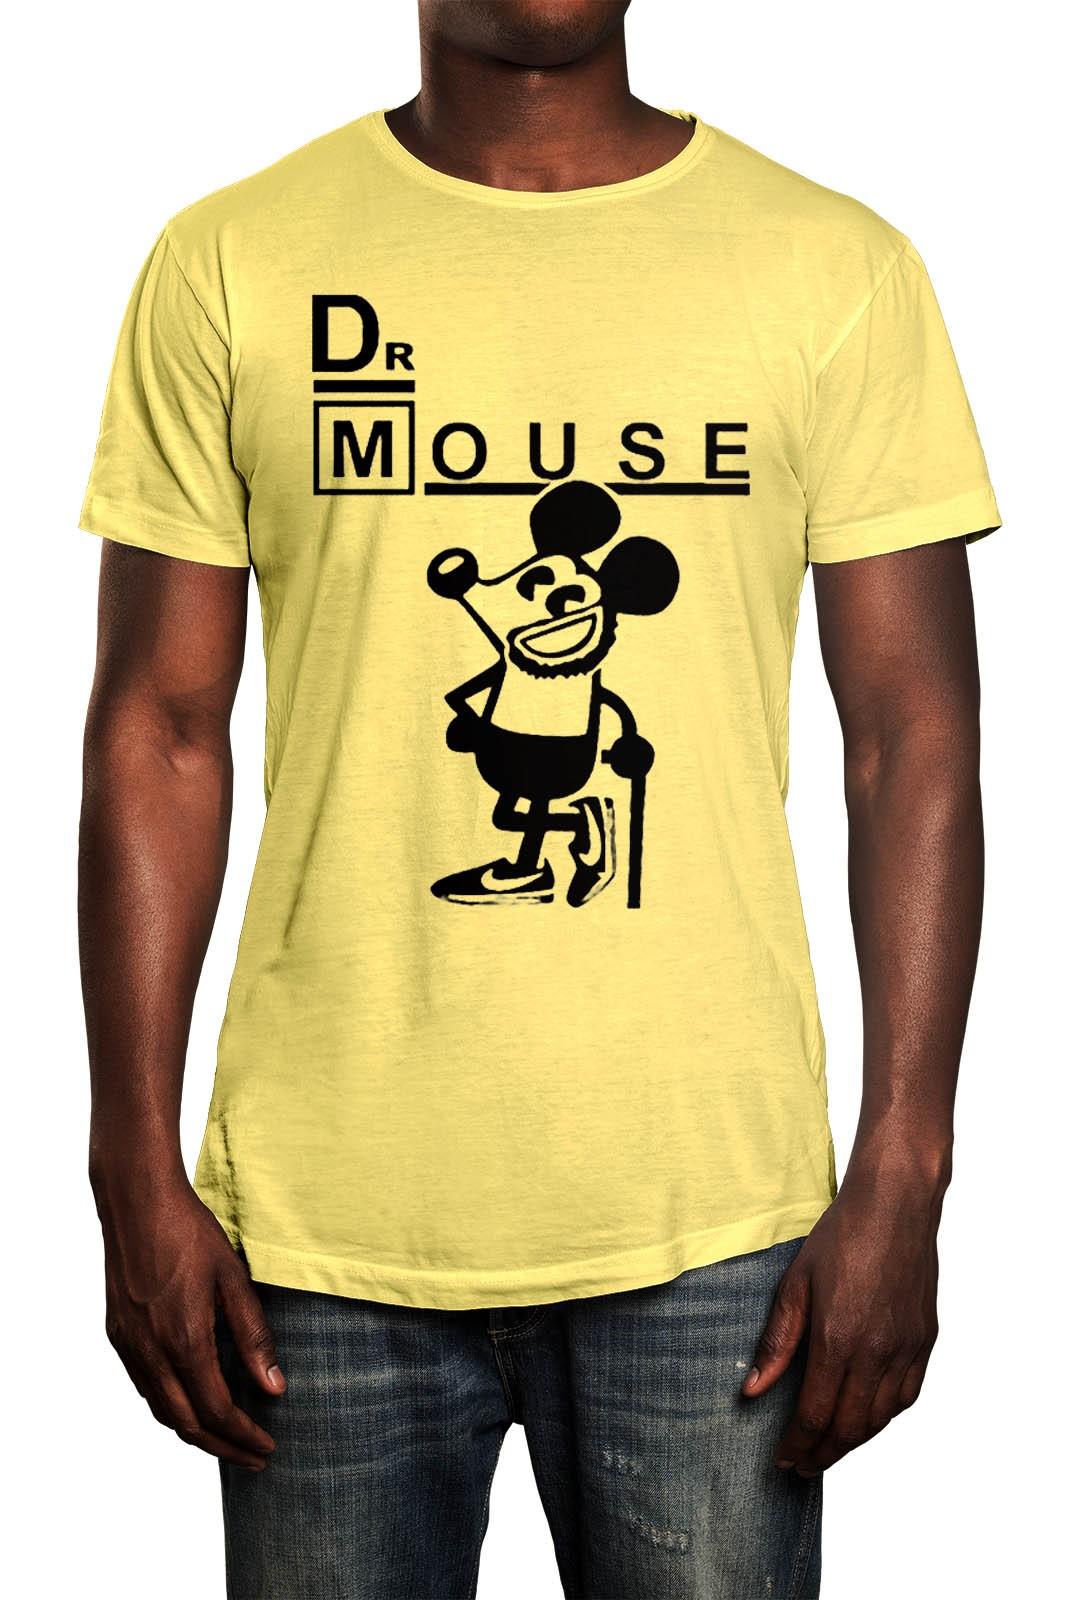 Camiseta HShop Dr Mouse Amarela  - HShop